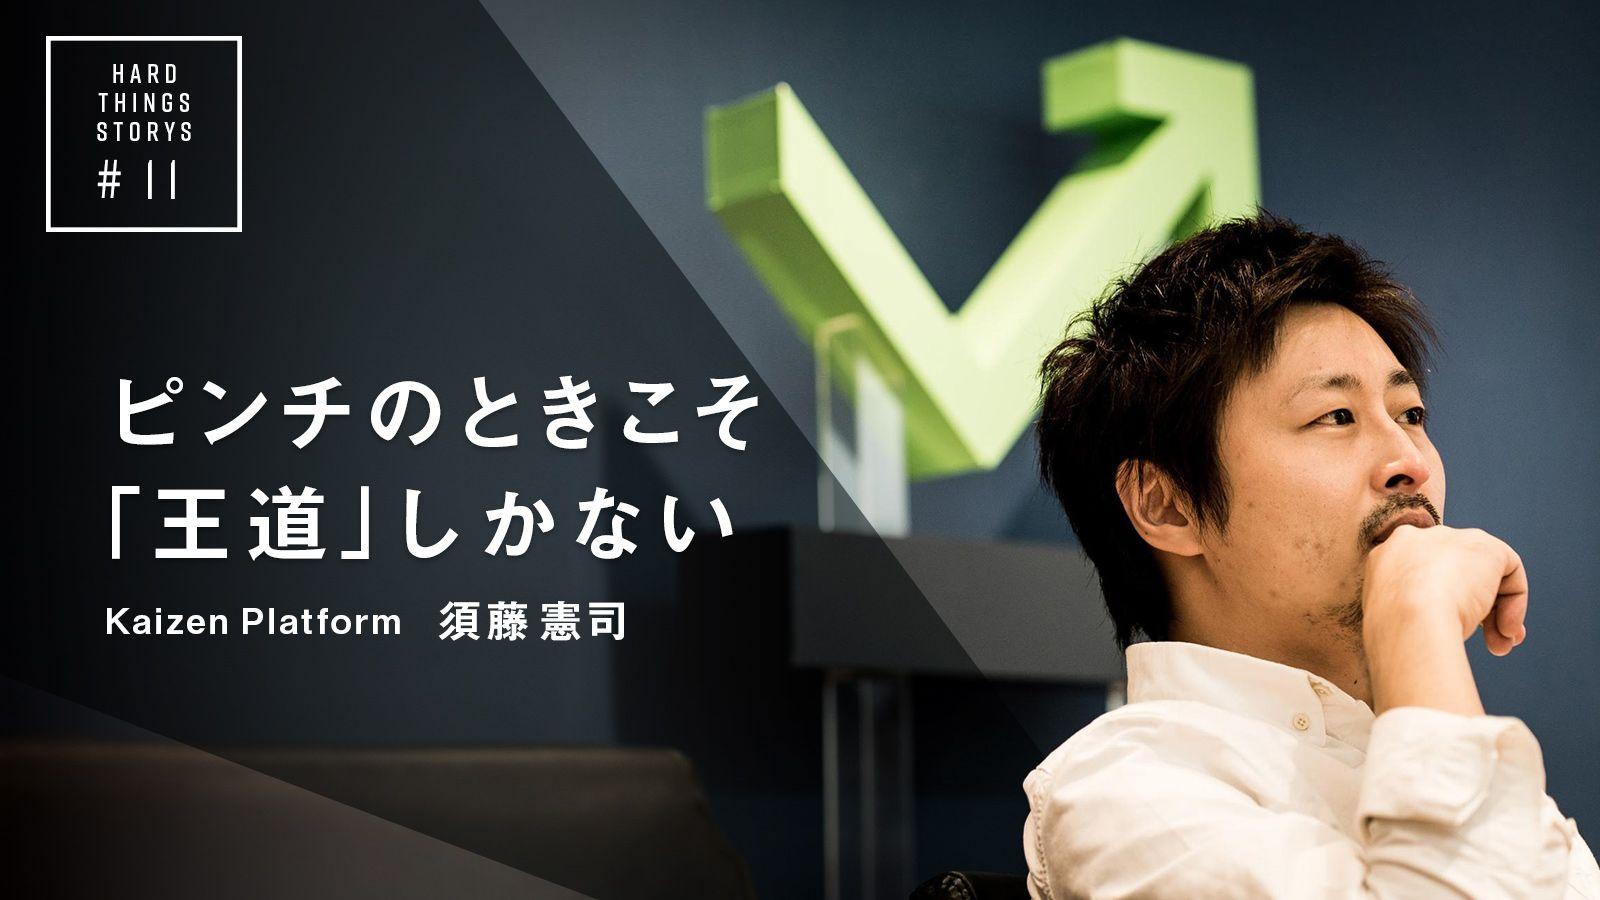 淡々とやれることをやるだけ|Kaizen Platform 須藤憲司